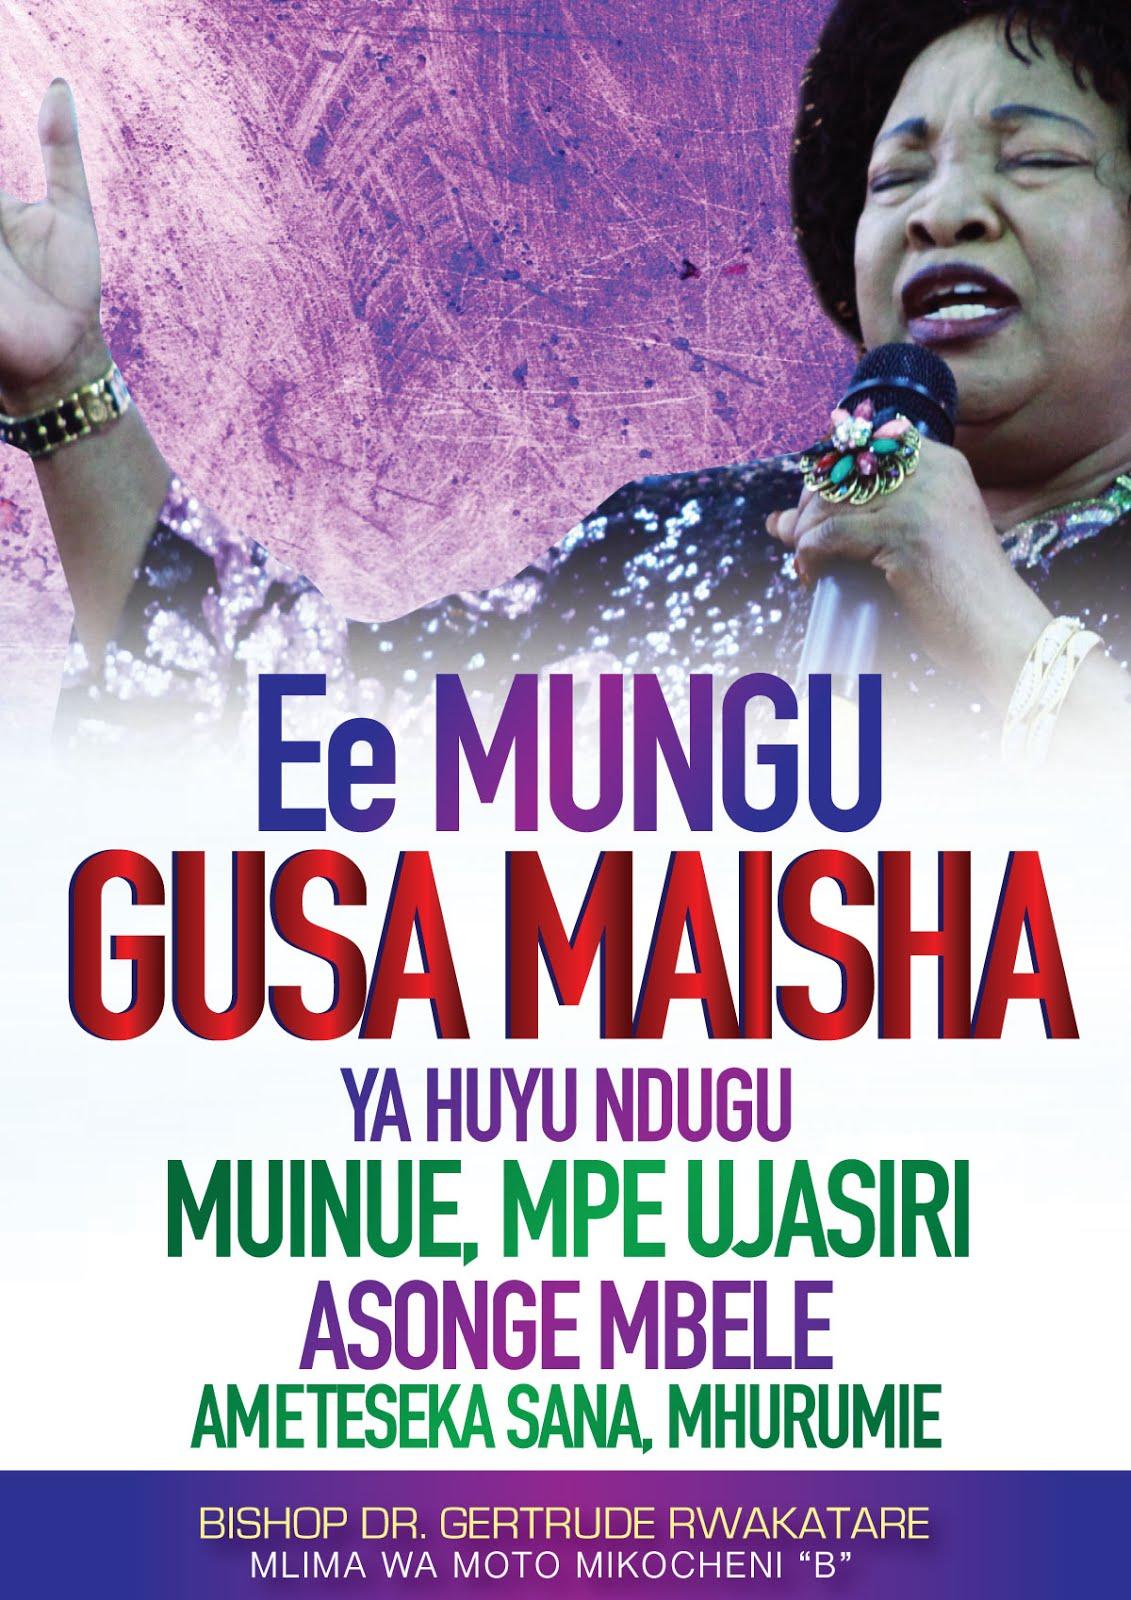 GUSA MAISHA YANGU